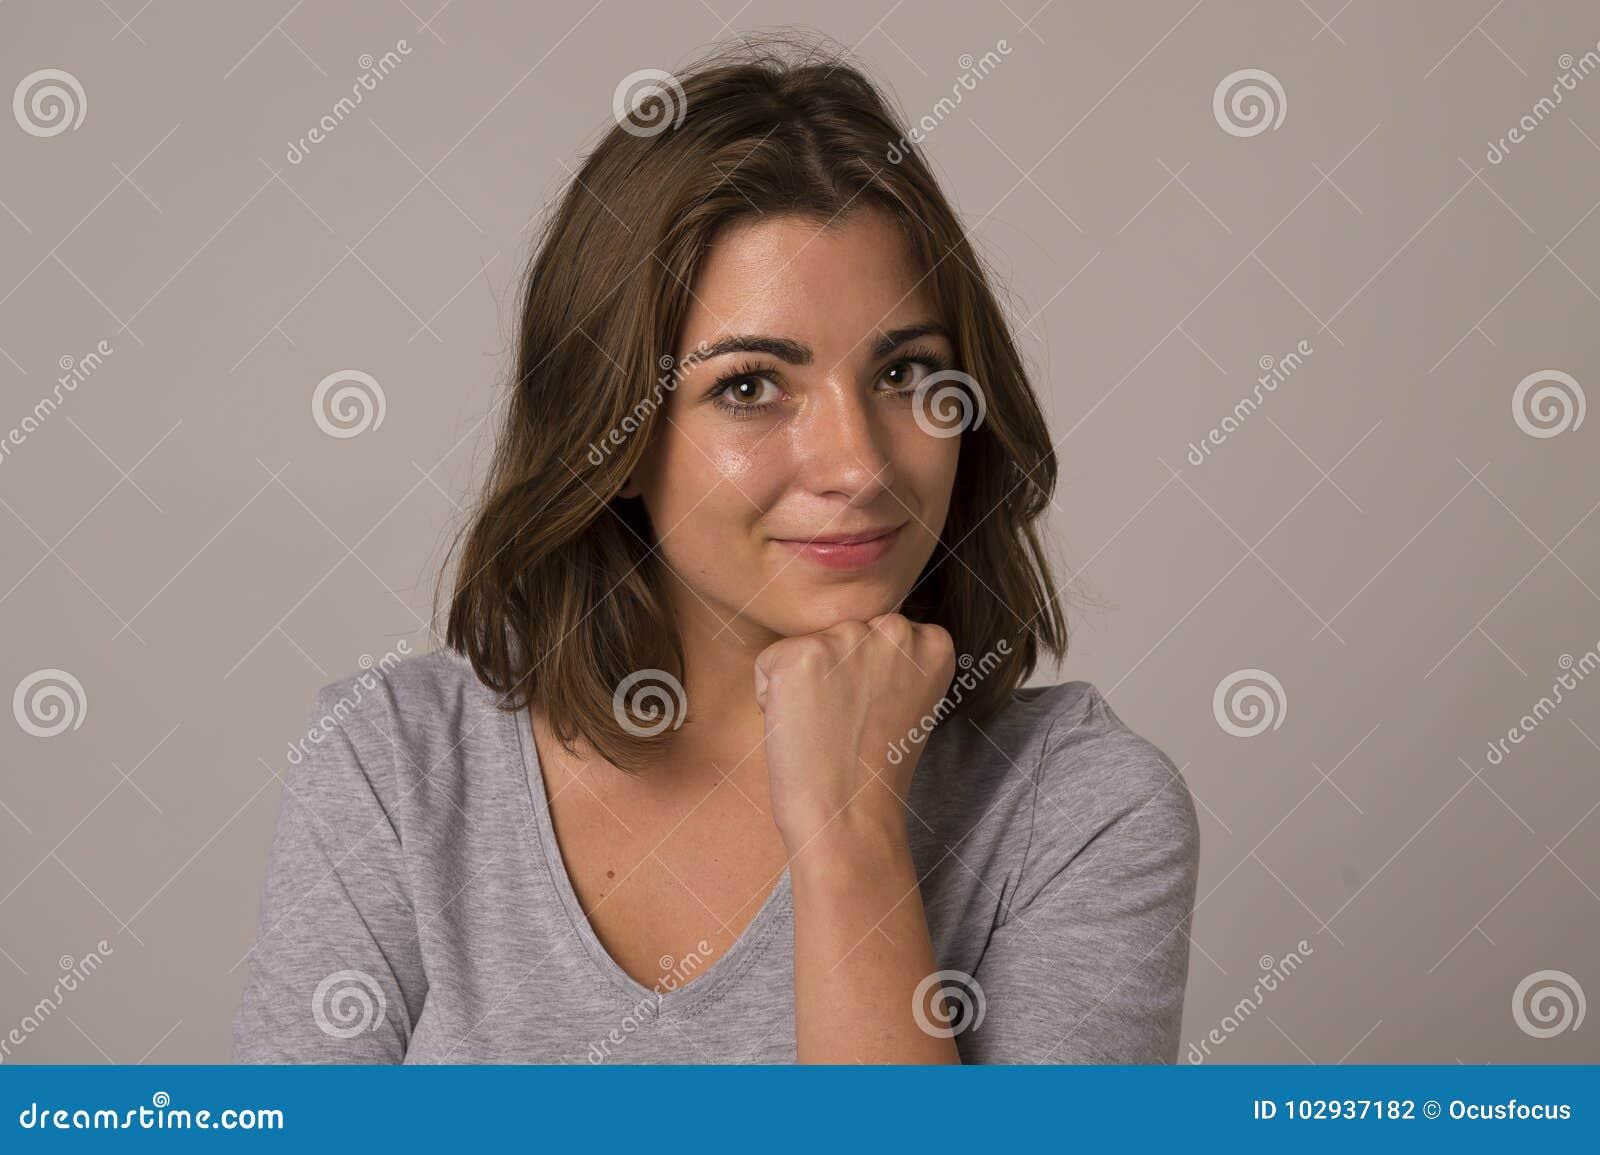 Młody atrakcyjny, piękny kobiety ono uśmiecha się i pokazywać pozytywnego i życzliwego twarzy wyrażenie